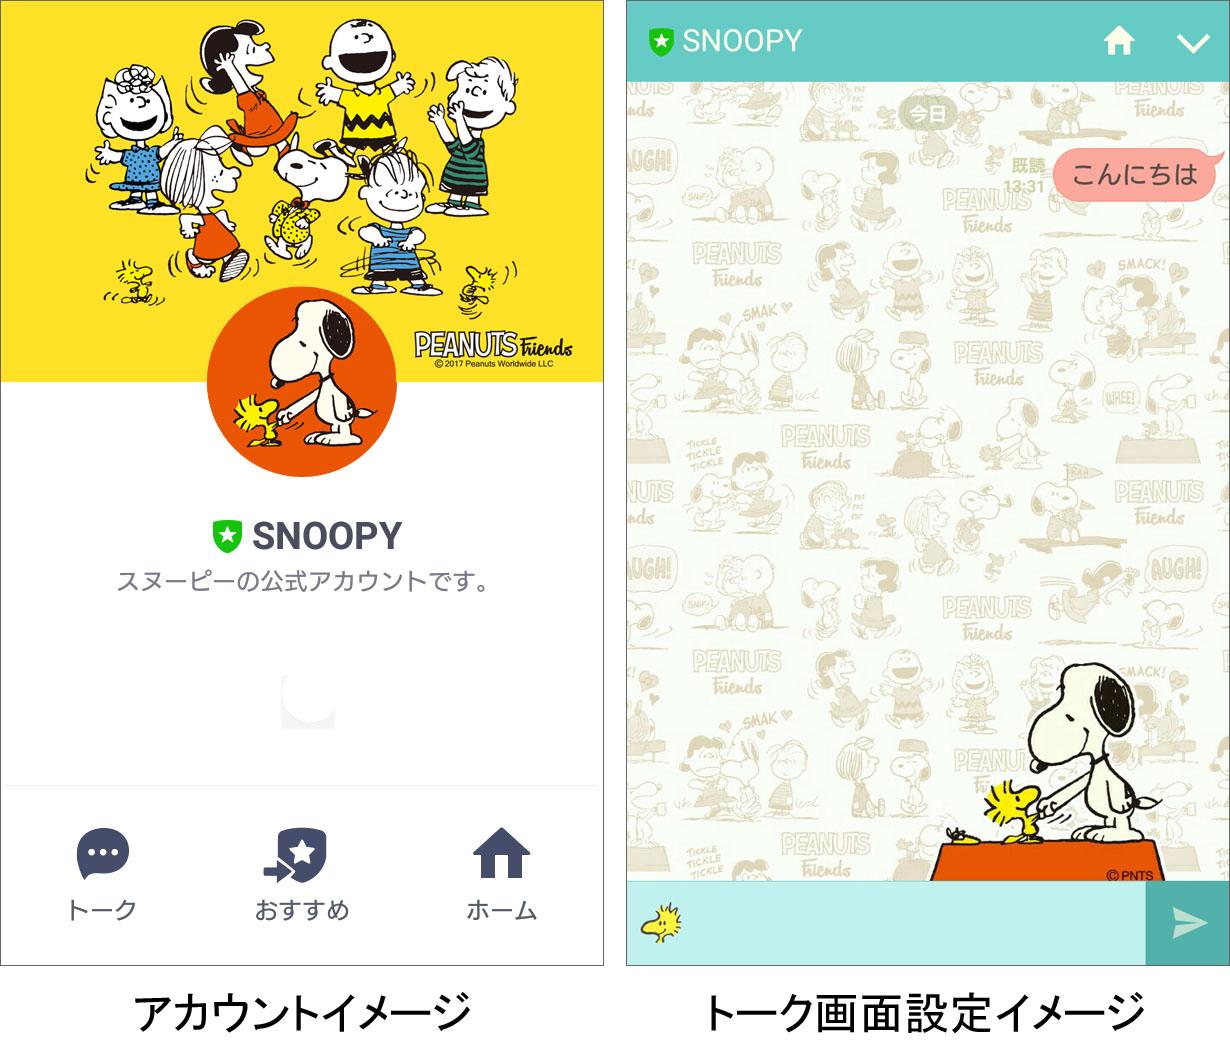 Snoopy Line ライン 公式アカウントを開設 テレビ東京グループ